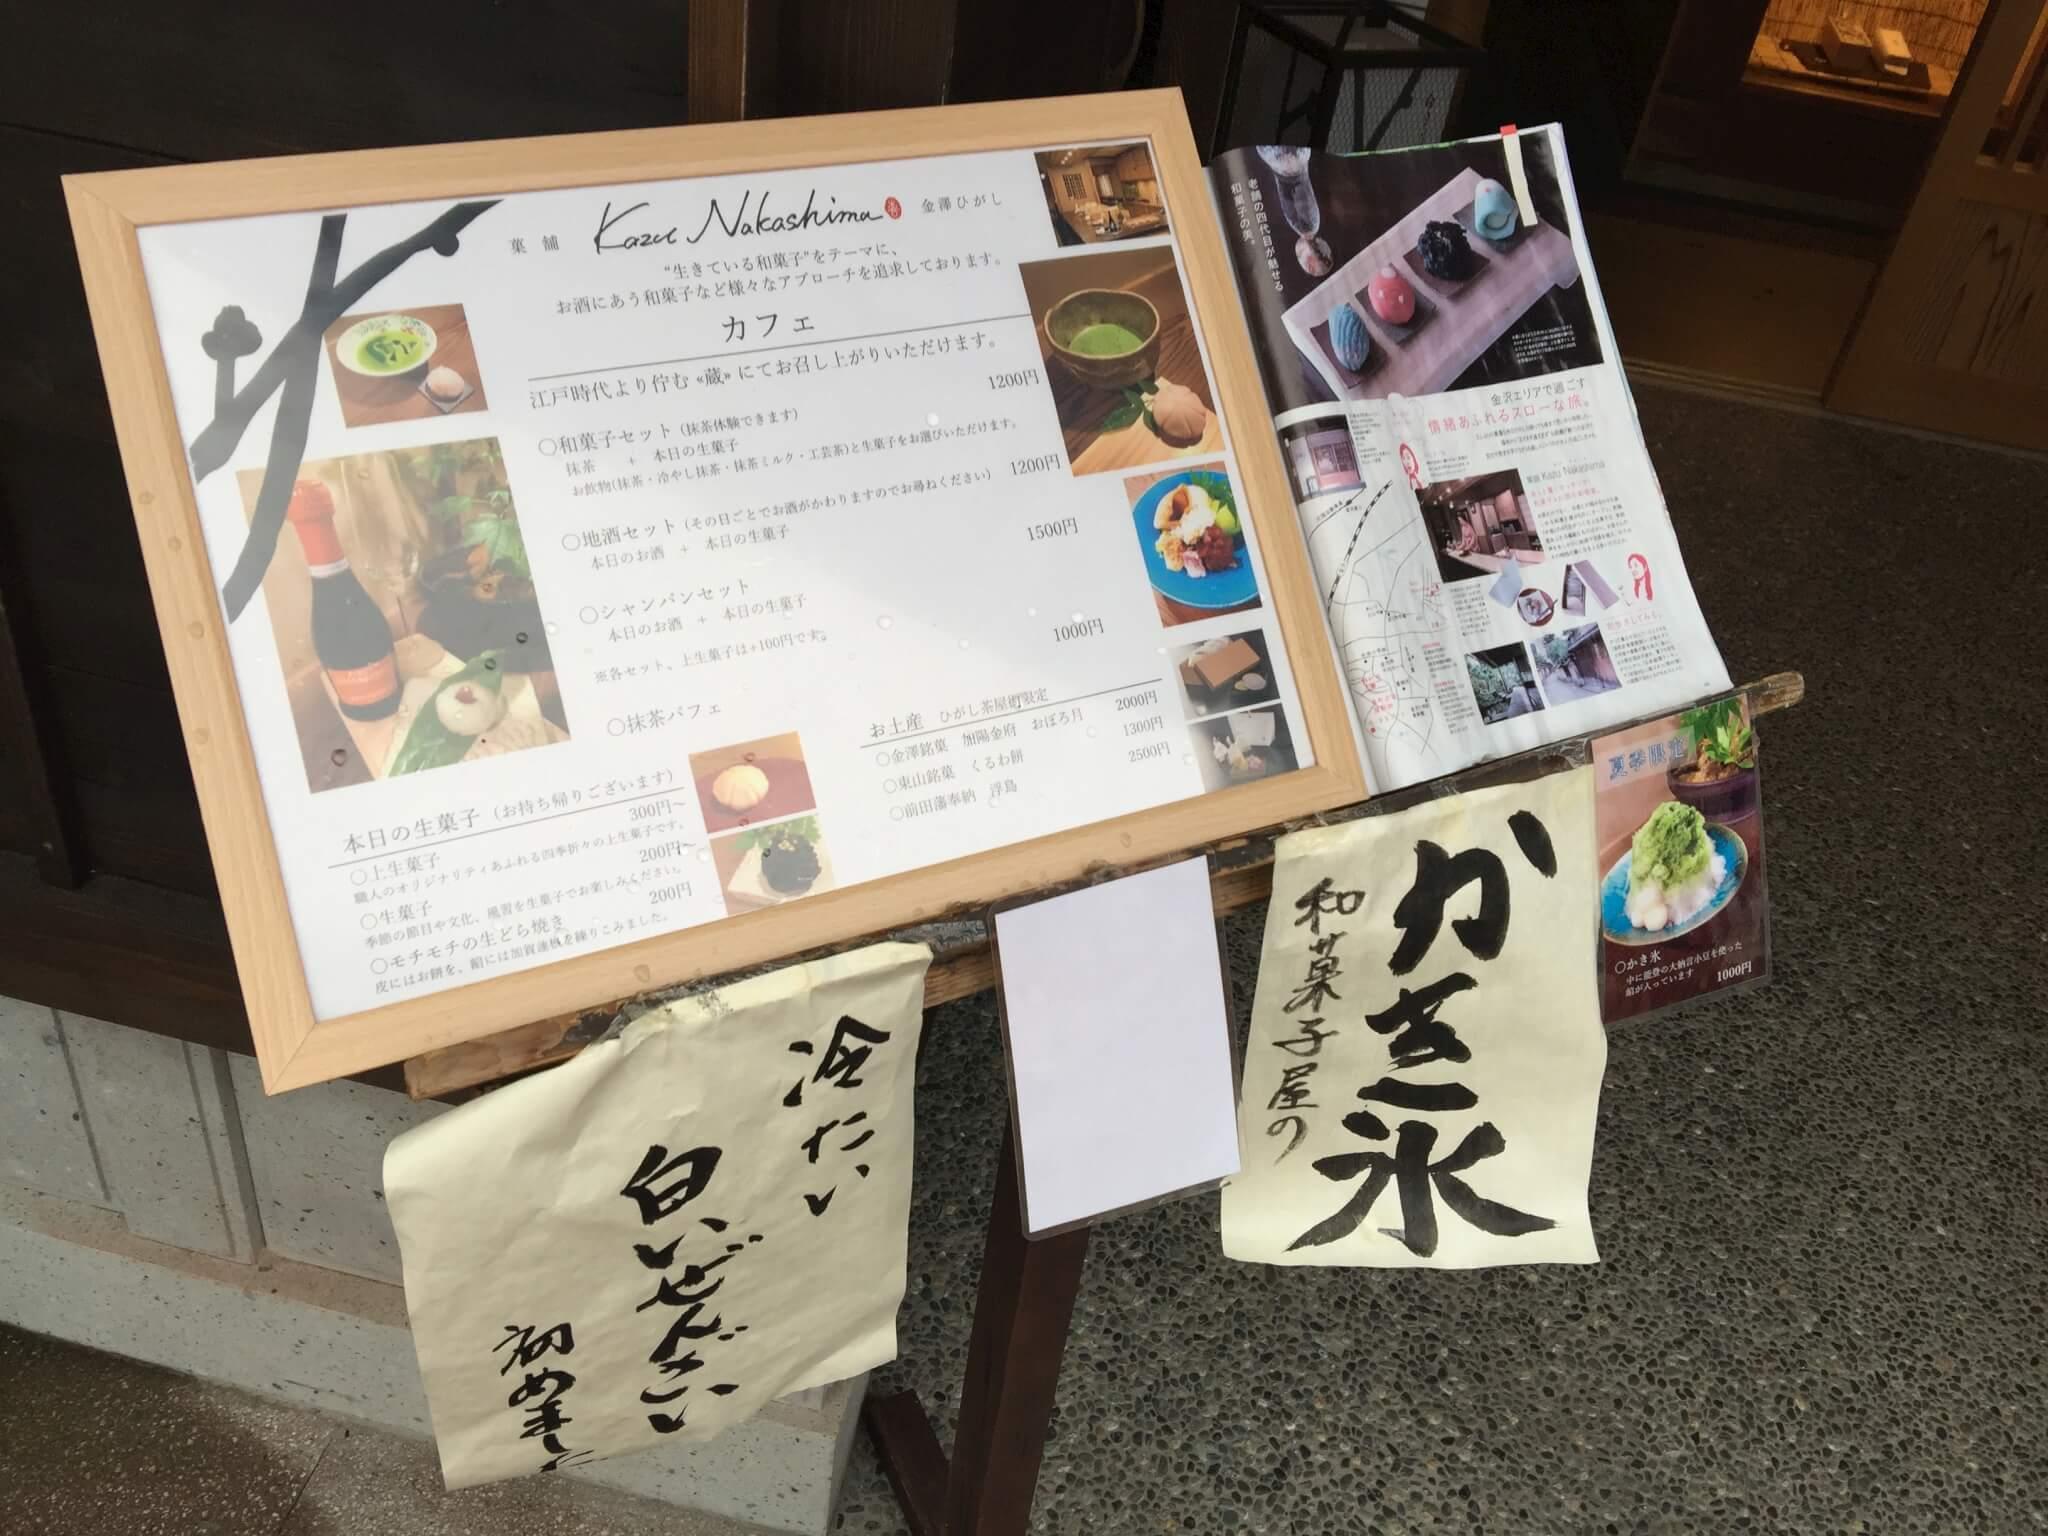 「菓舗Kazu Nakashima(カホ カズナカシマ)」店頭にあるメニュー